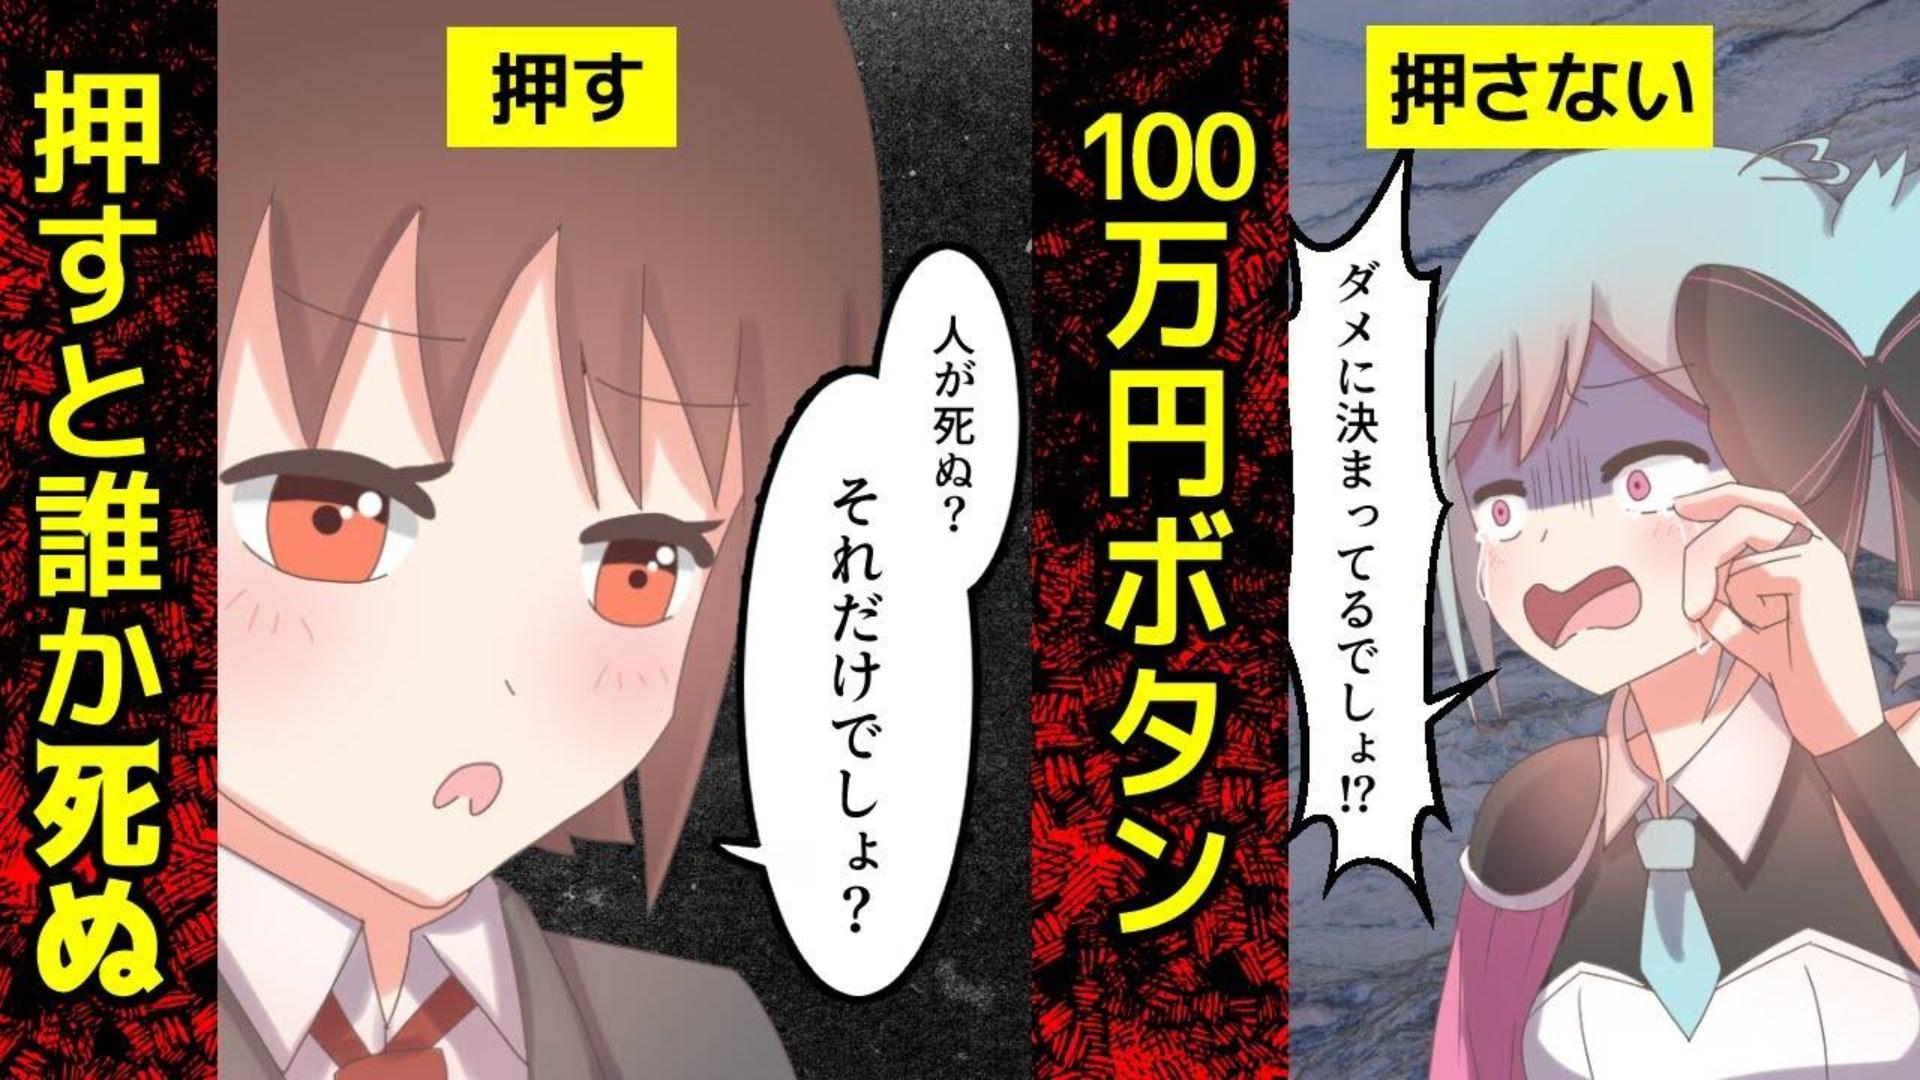 按下去就能获得100万円但是会死一个人的按钮 你会按吗?【动画/漫画视频】